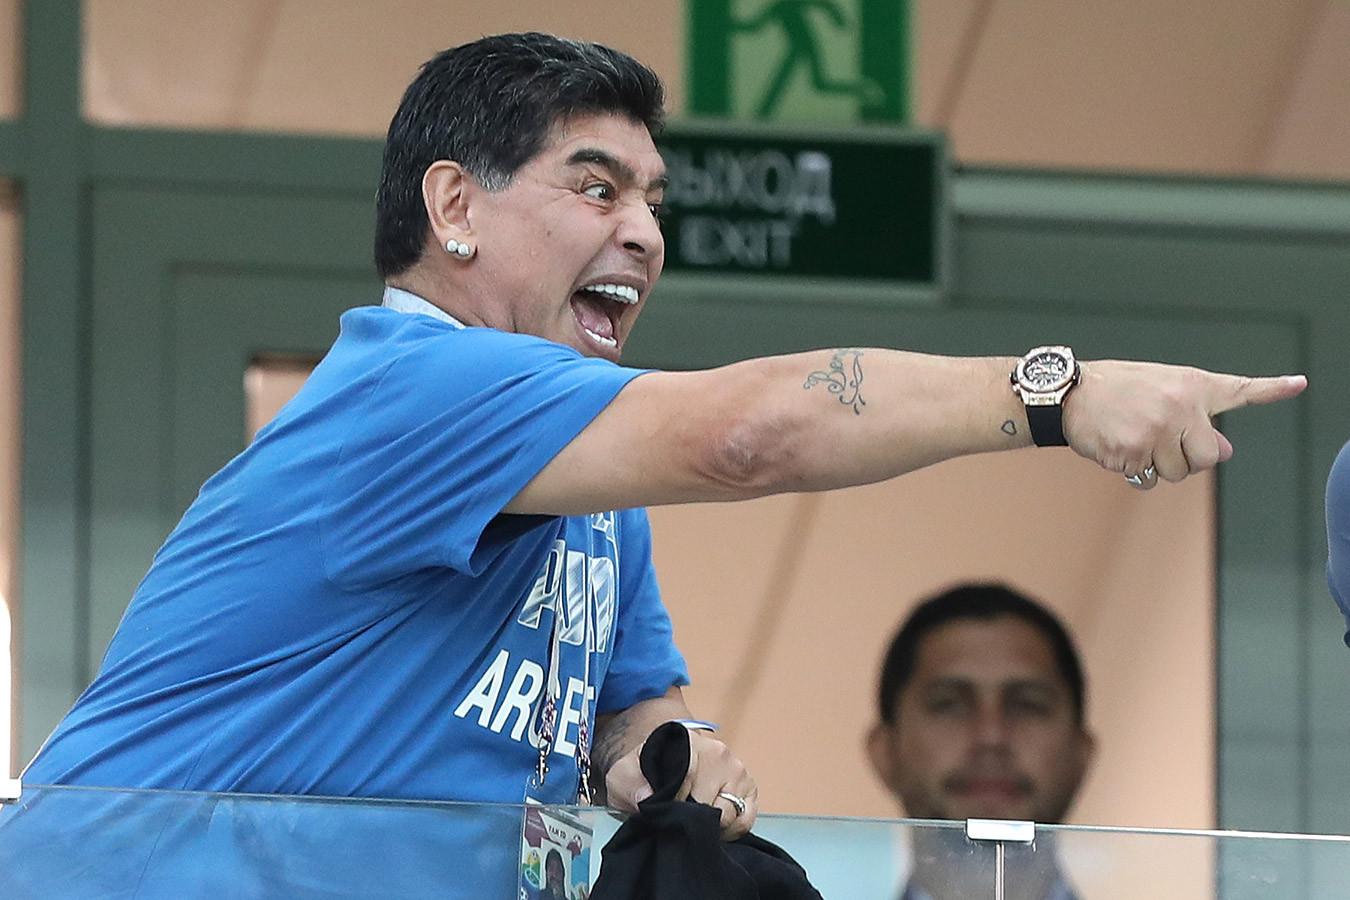 Диего Марадона: мечтаю забить ещё один гол сборной Англии, но на этот раз правой рукой - Чемпионат